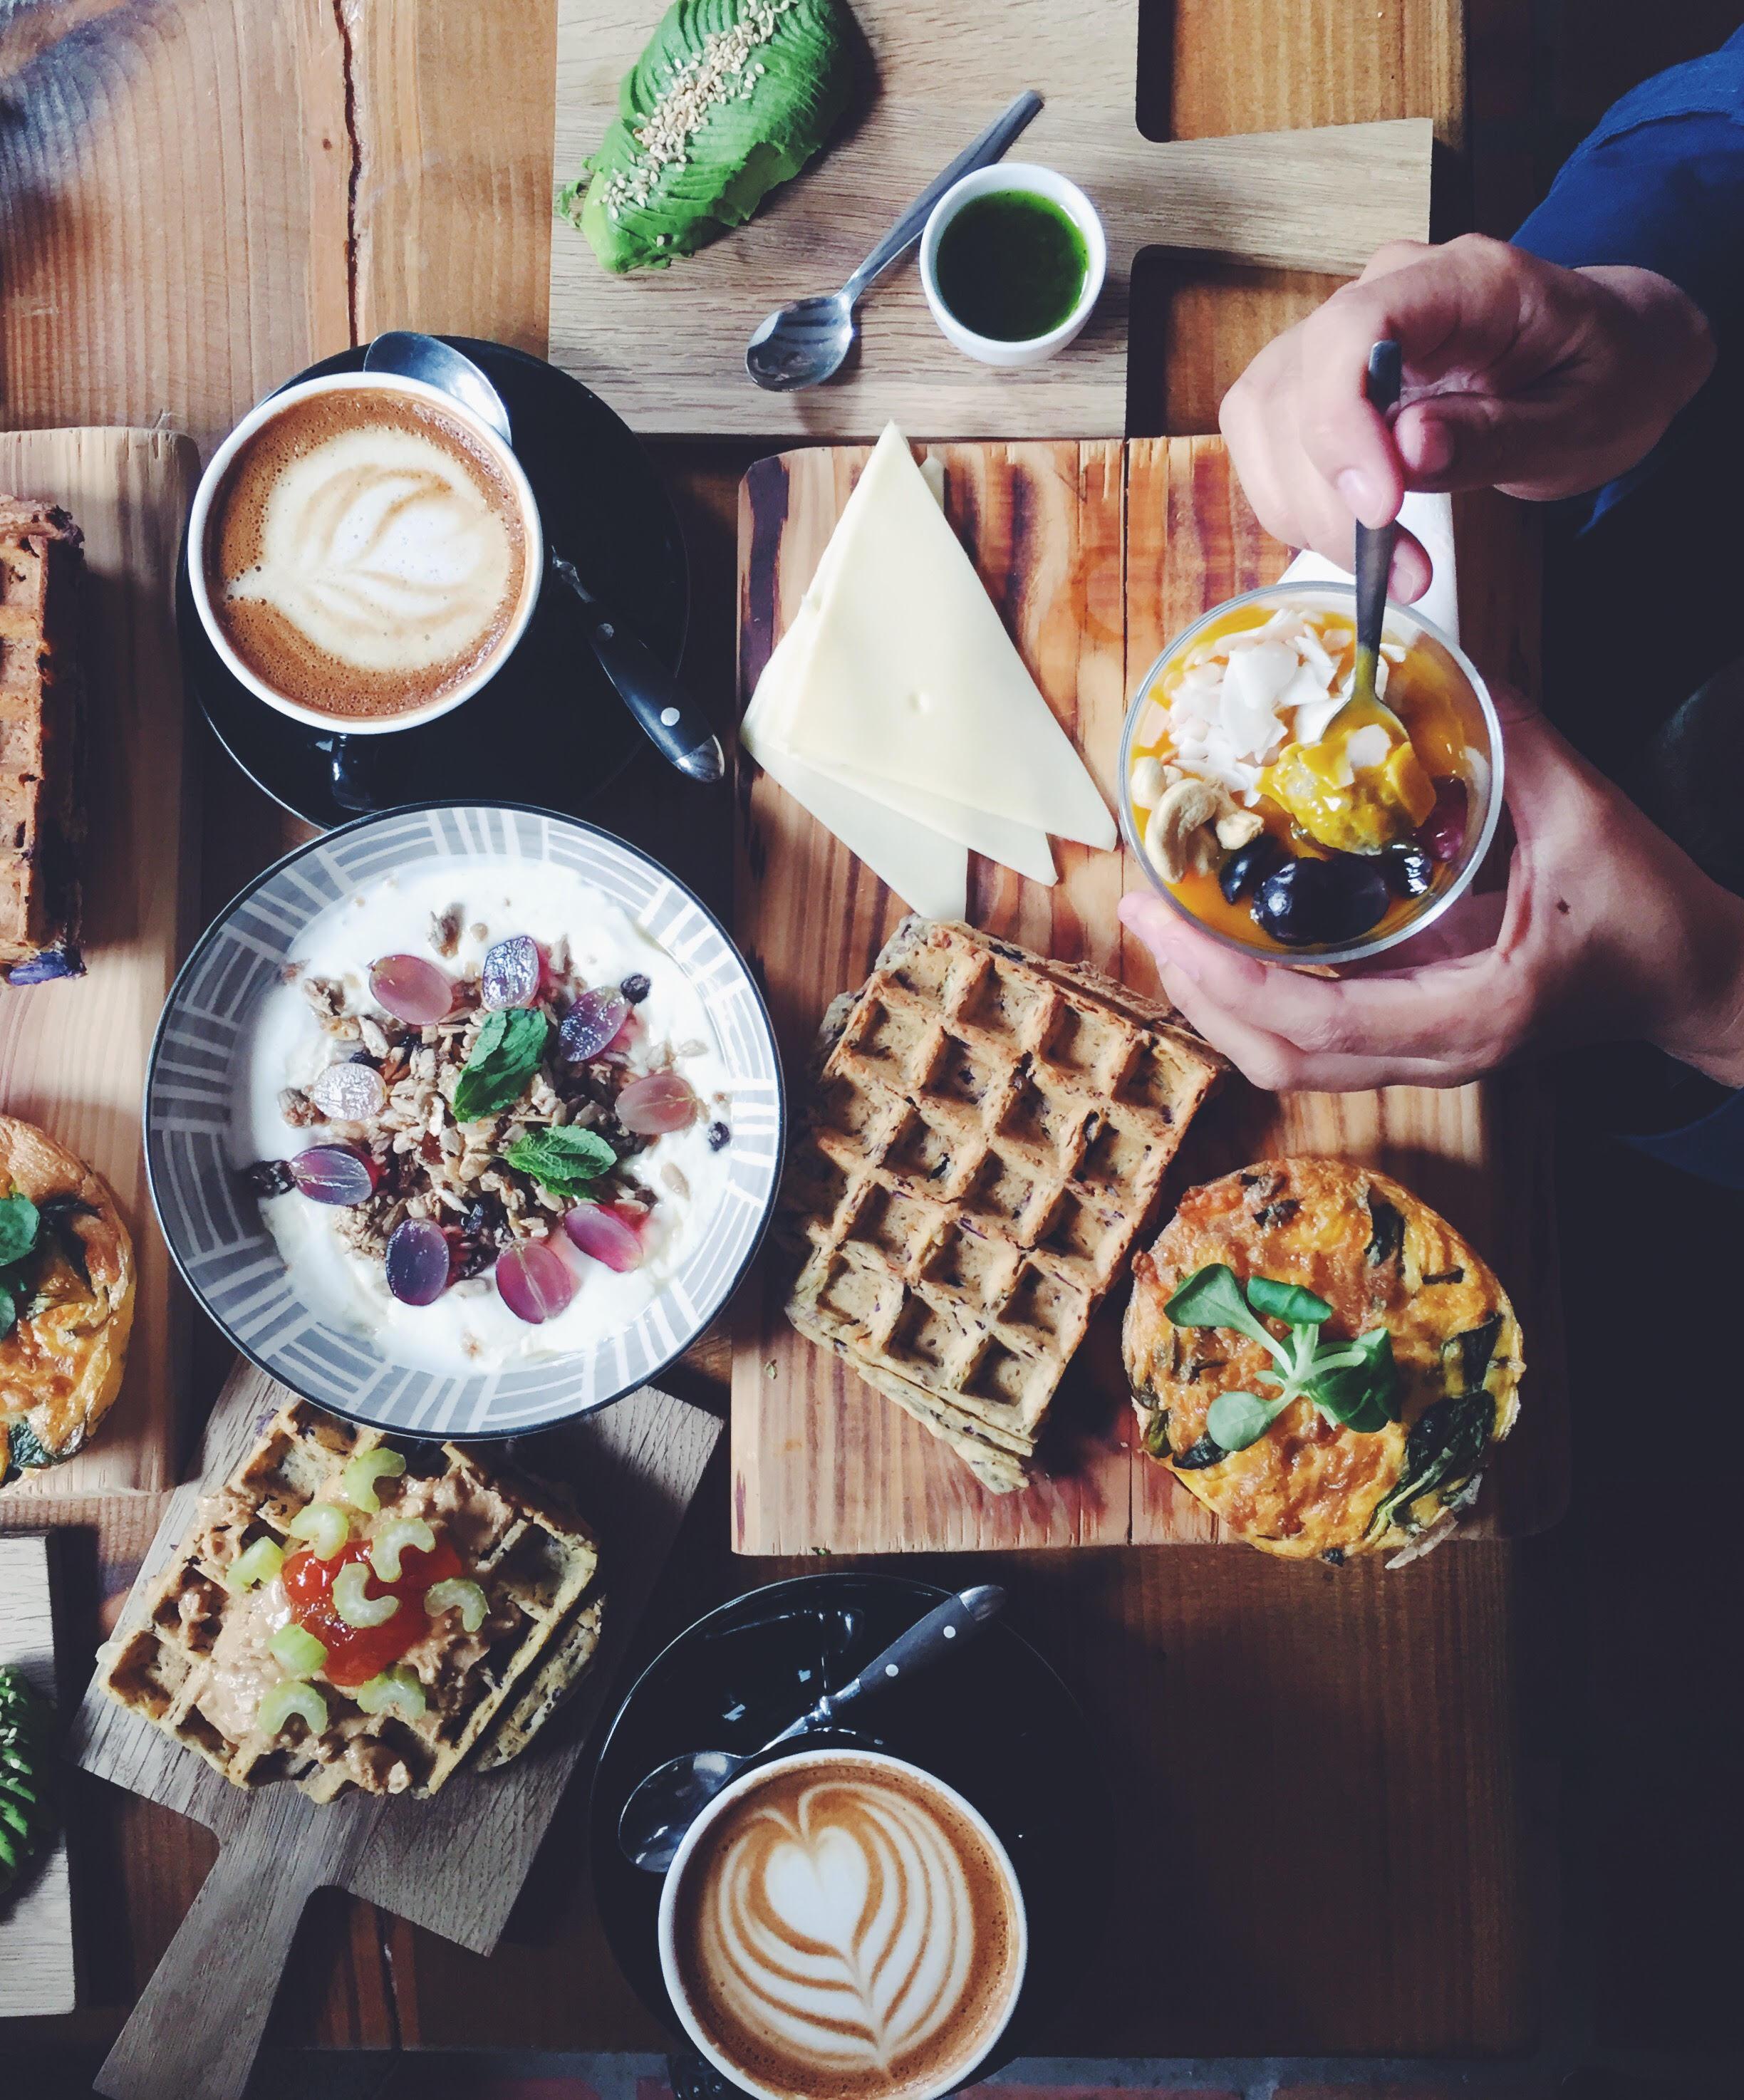 Social Coffee ved Søerne i København. Vafler, ost og kaffe. Perfekt sund og glutenfri morgenmad